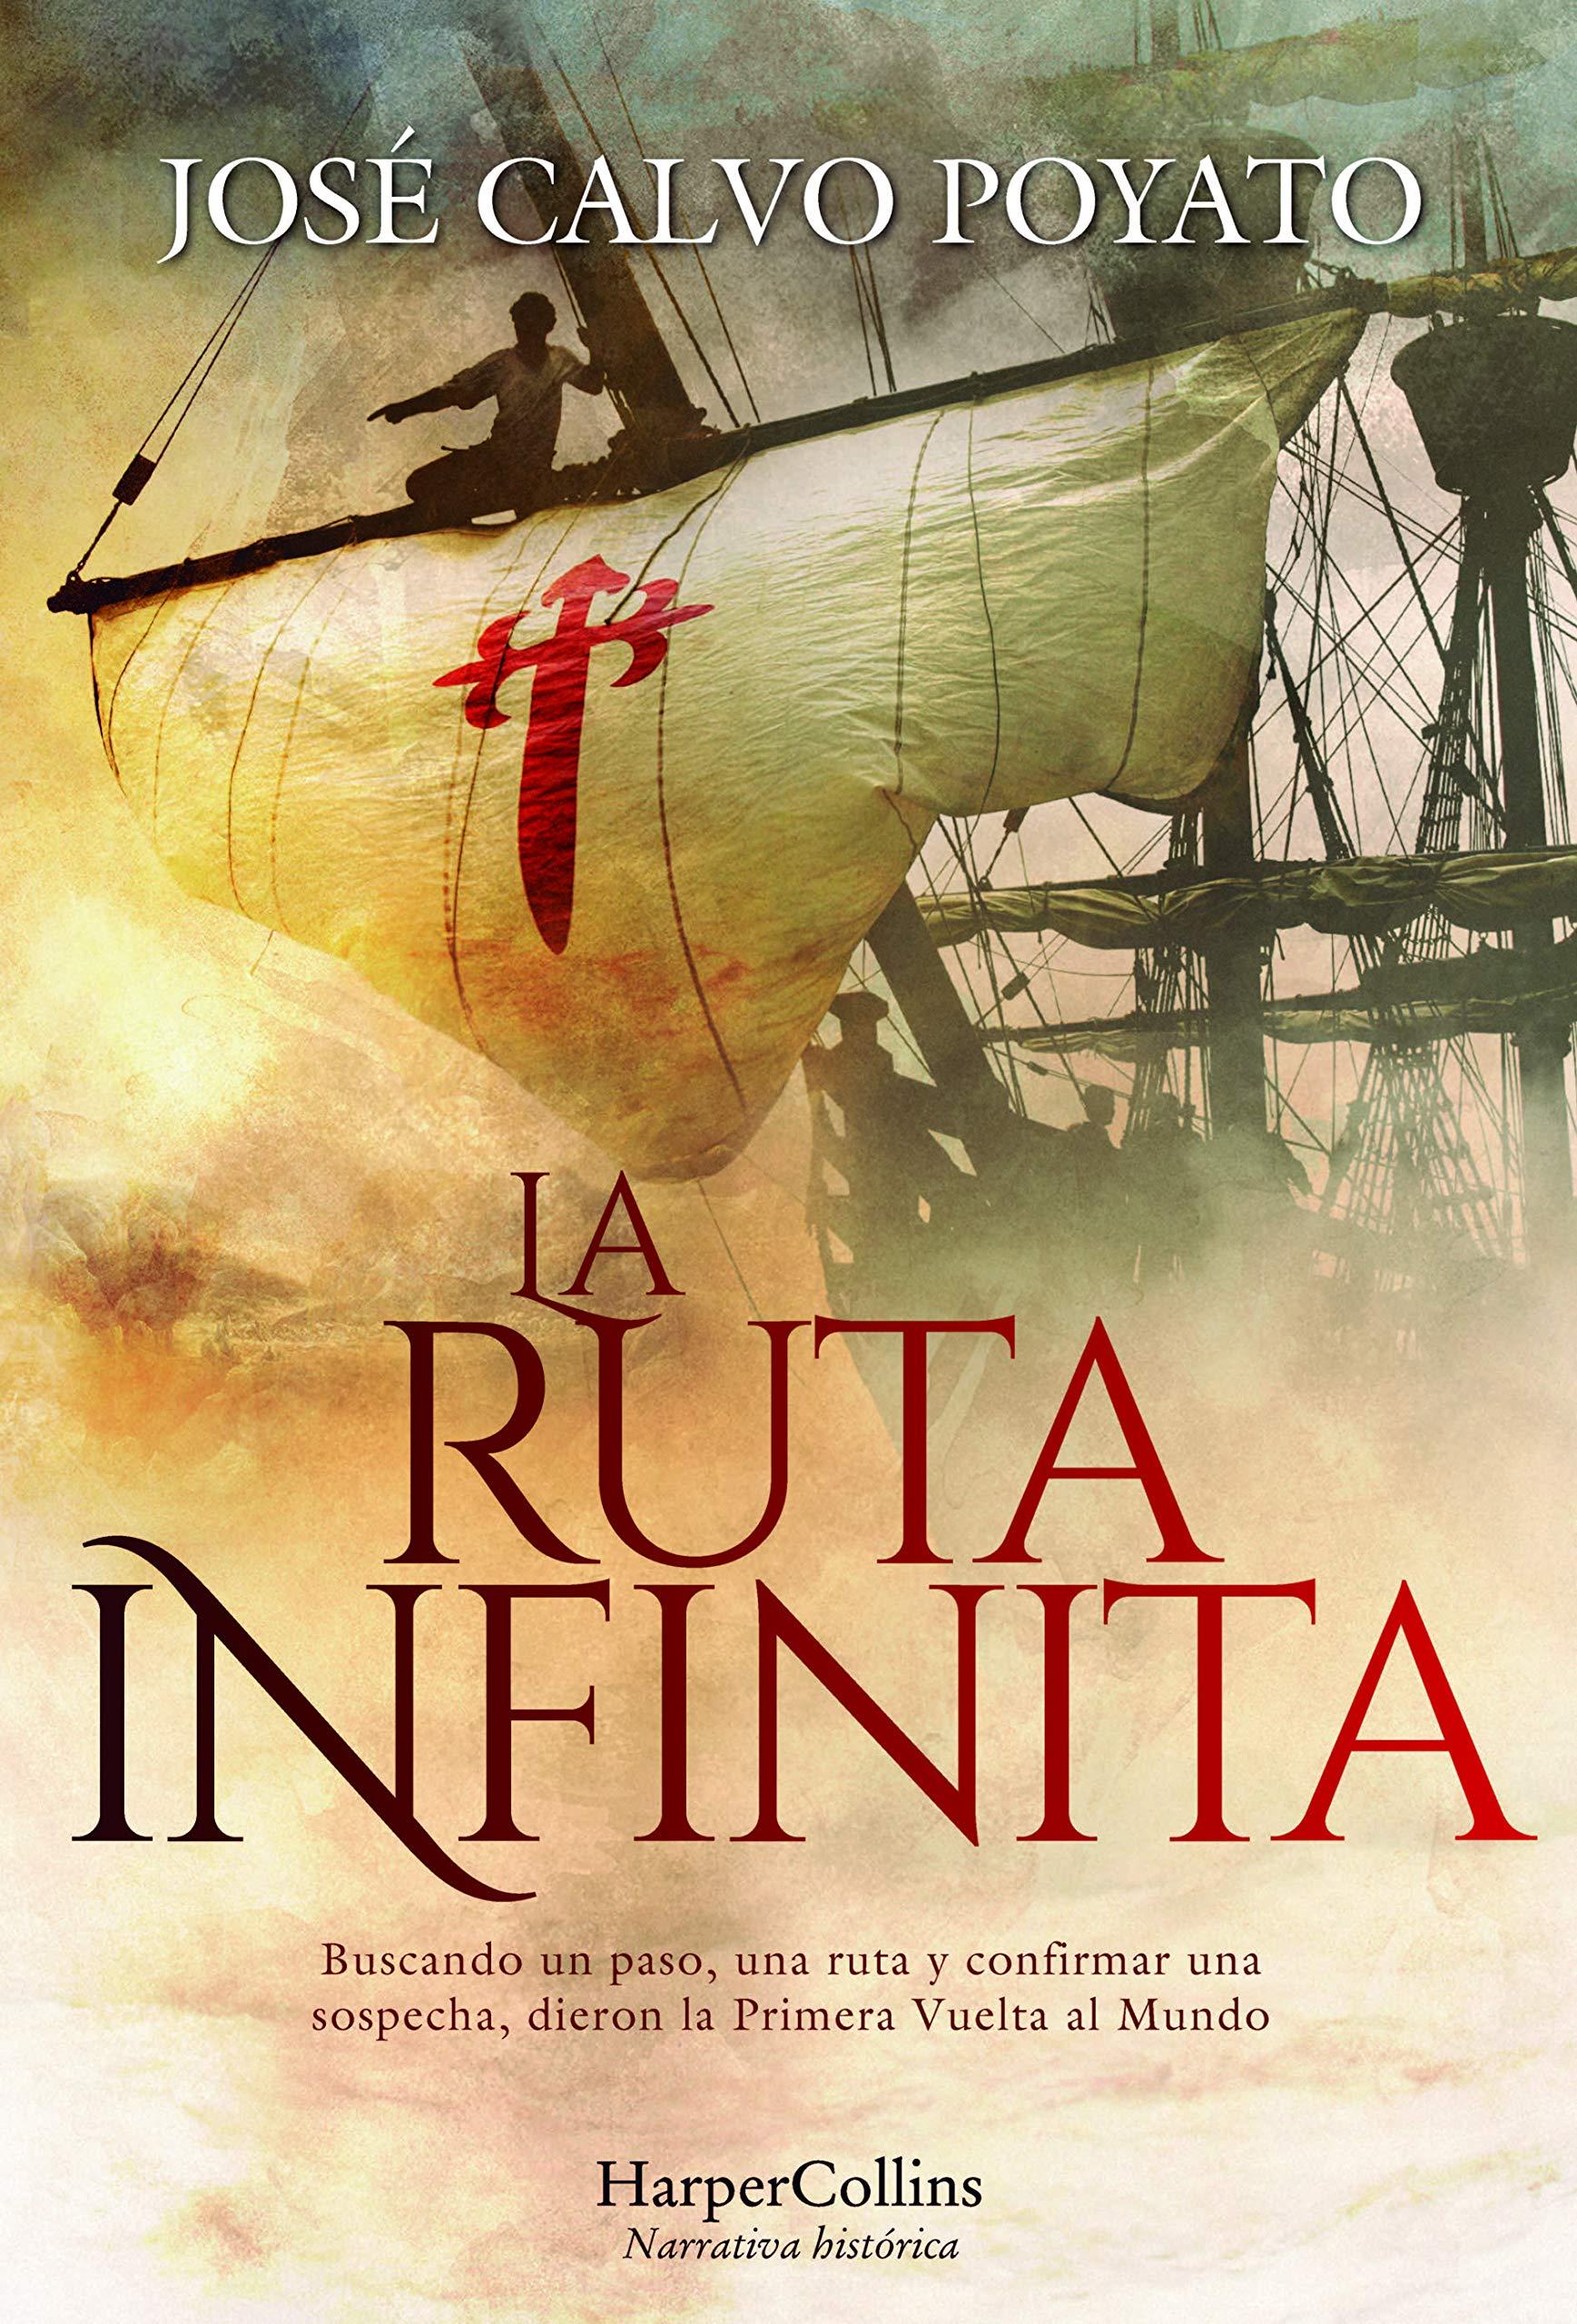 La Ruta Infinita: Amazon.es: José Calvo Poyato: Libros